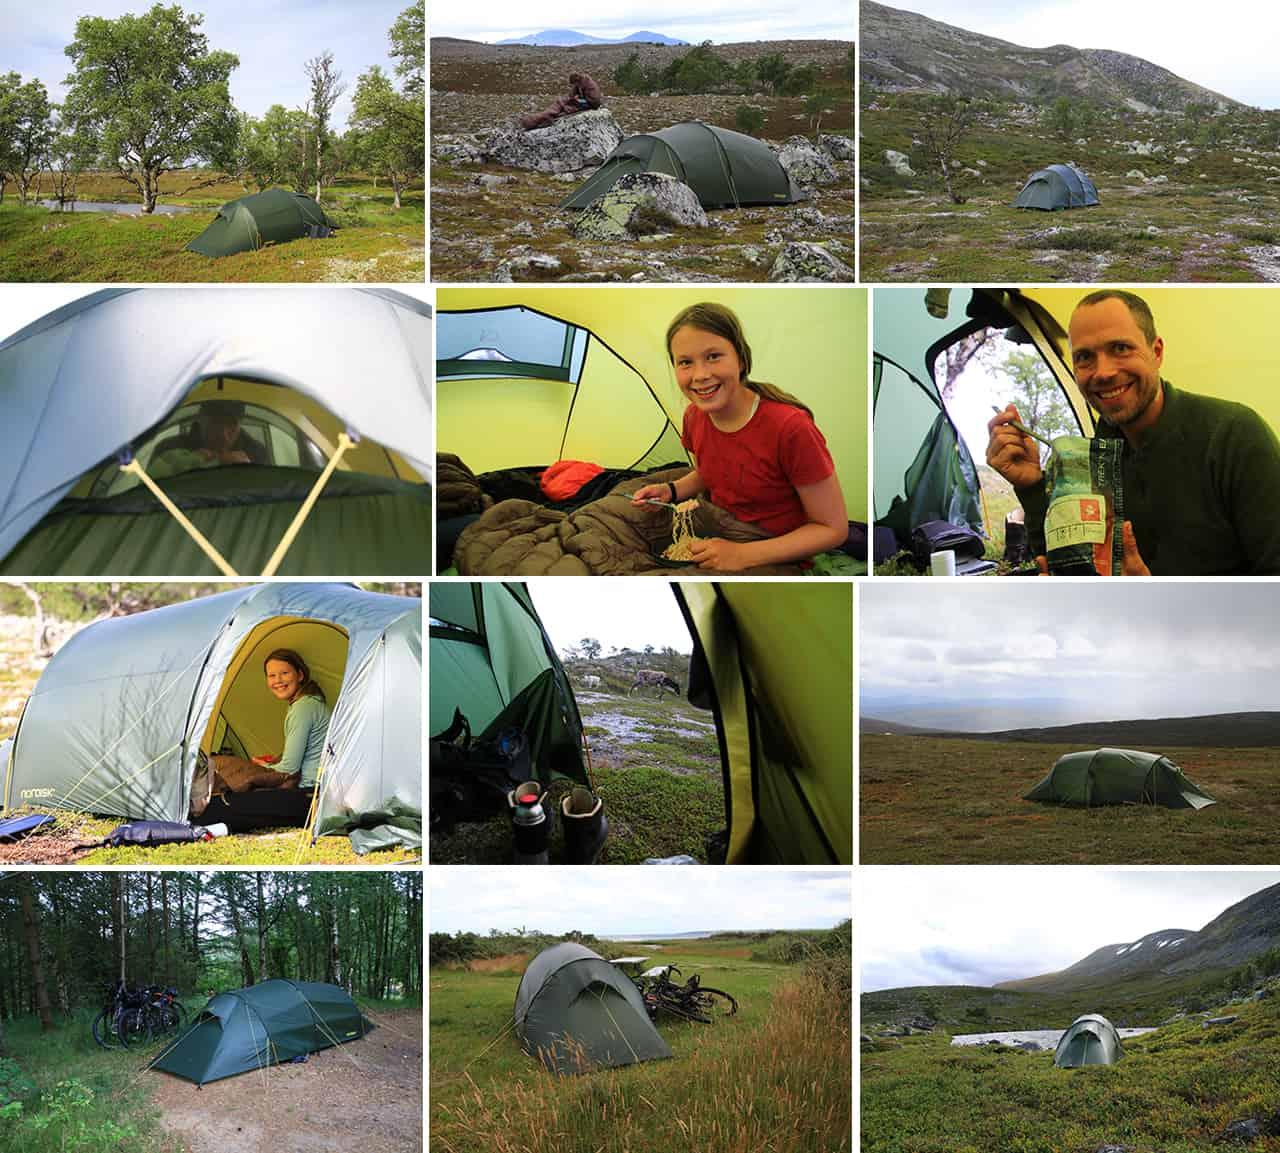 Billede collage af Erik B. Jørgensen teltet Oppland 2 LW på ture og ekspeditioner til indlægget Telt anmeldelse, Oppland 2 LW, fra Nordisk, på tur med Erik B. Jørgensen